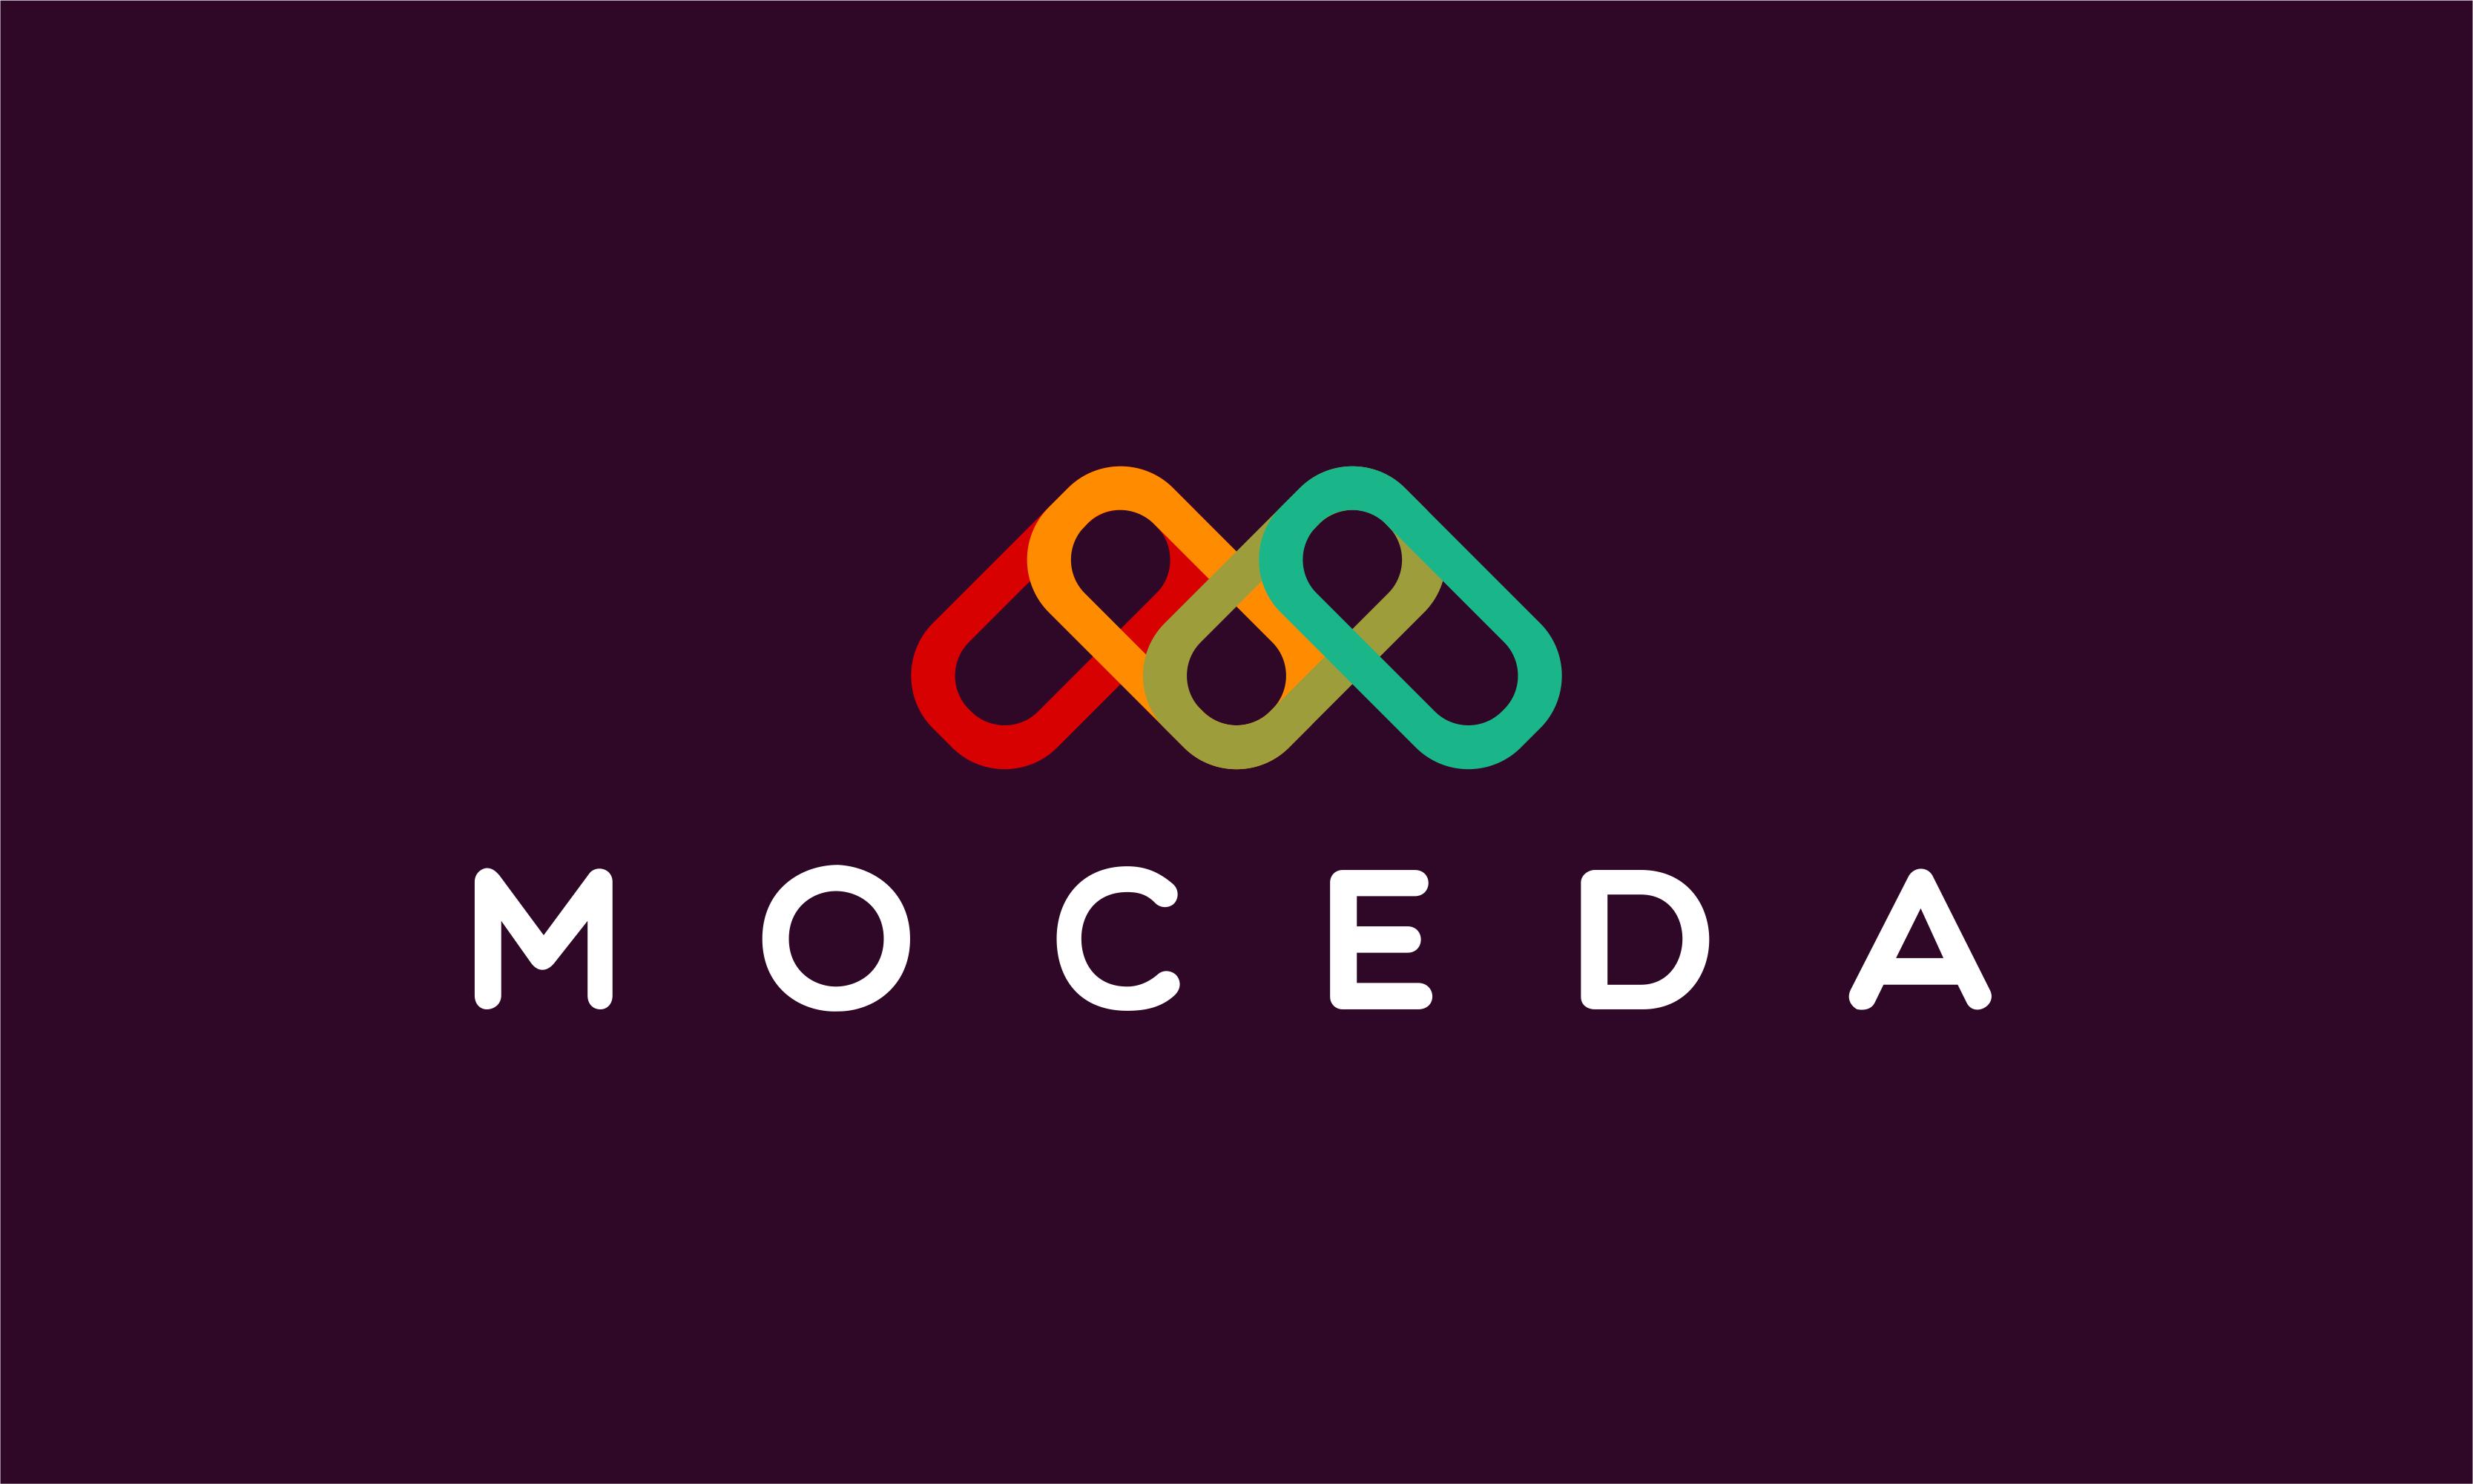 Moceda